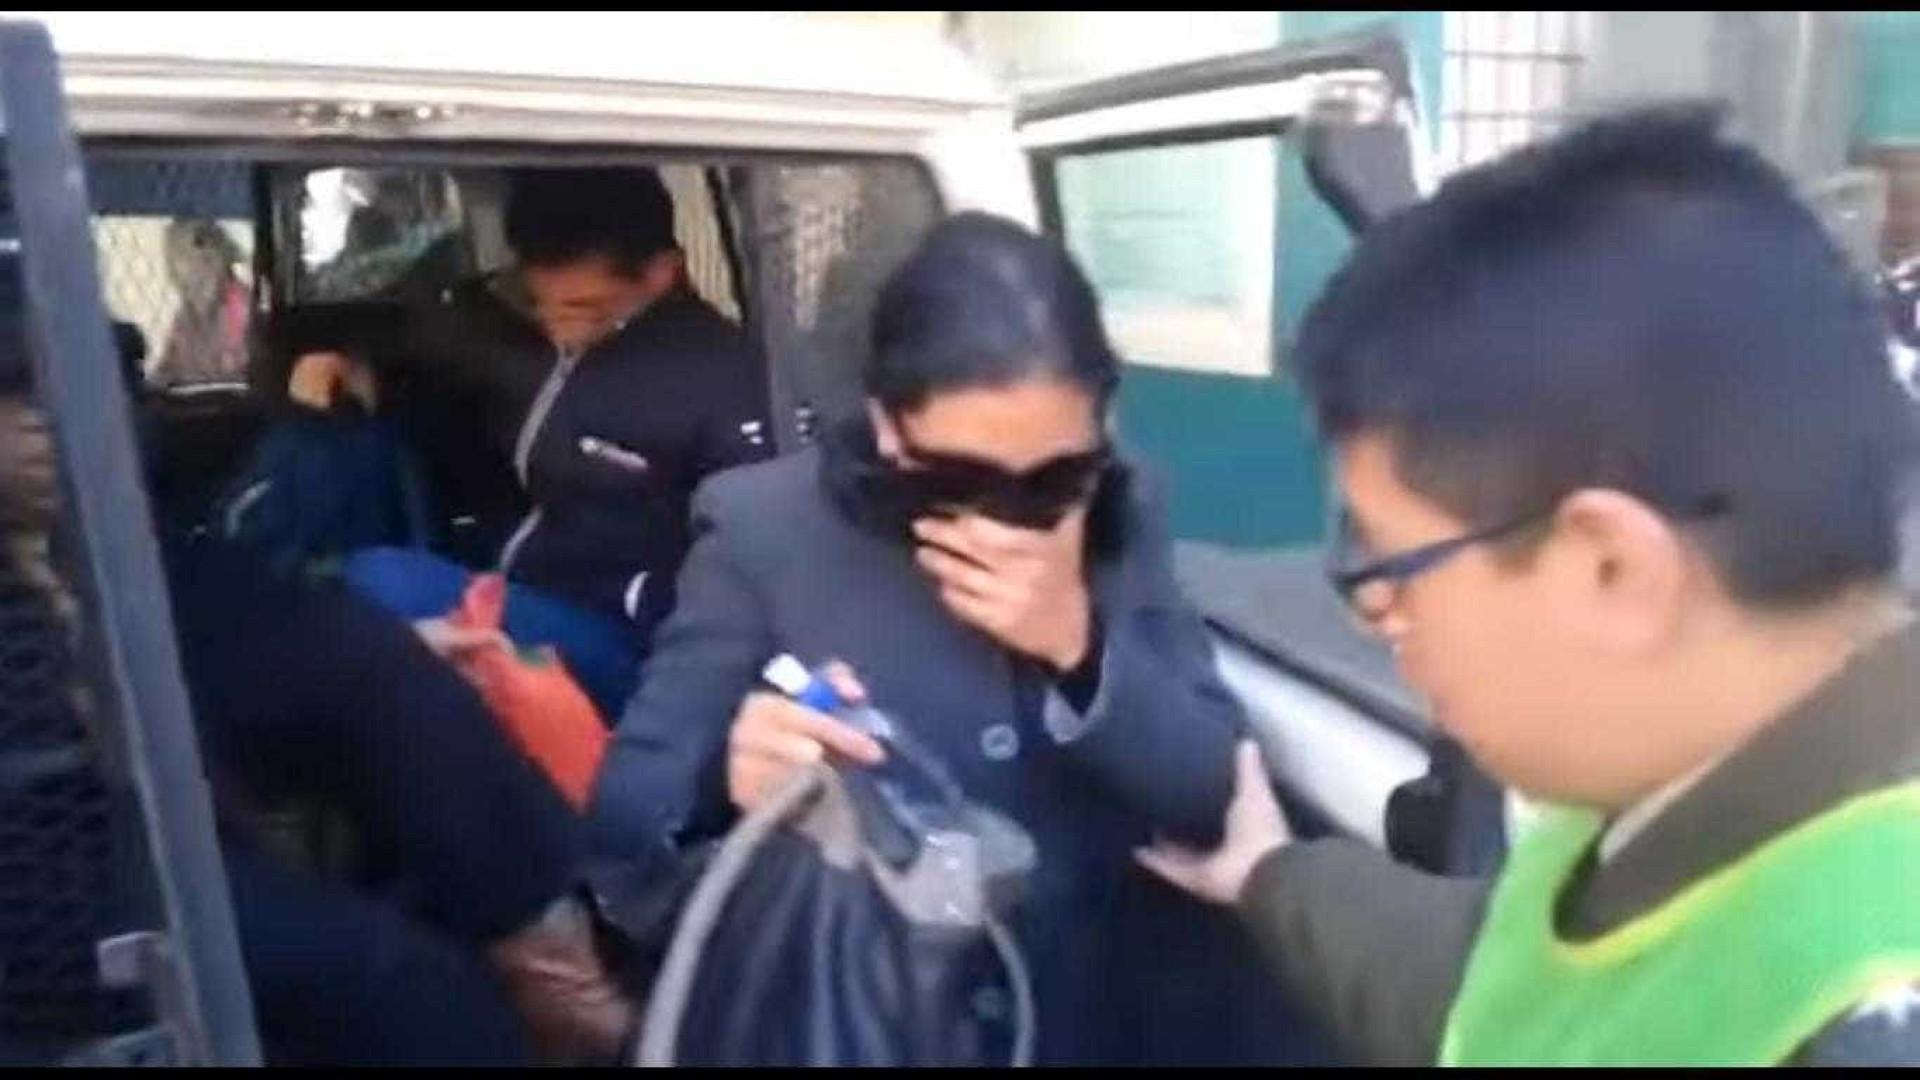 Vários familiares detidos após levarem idosa com vida para funerária